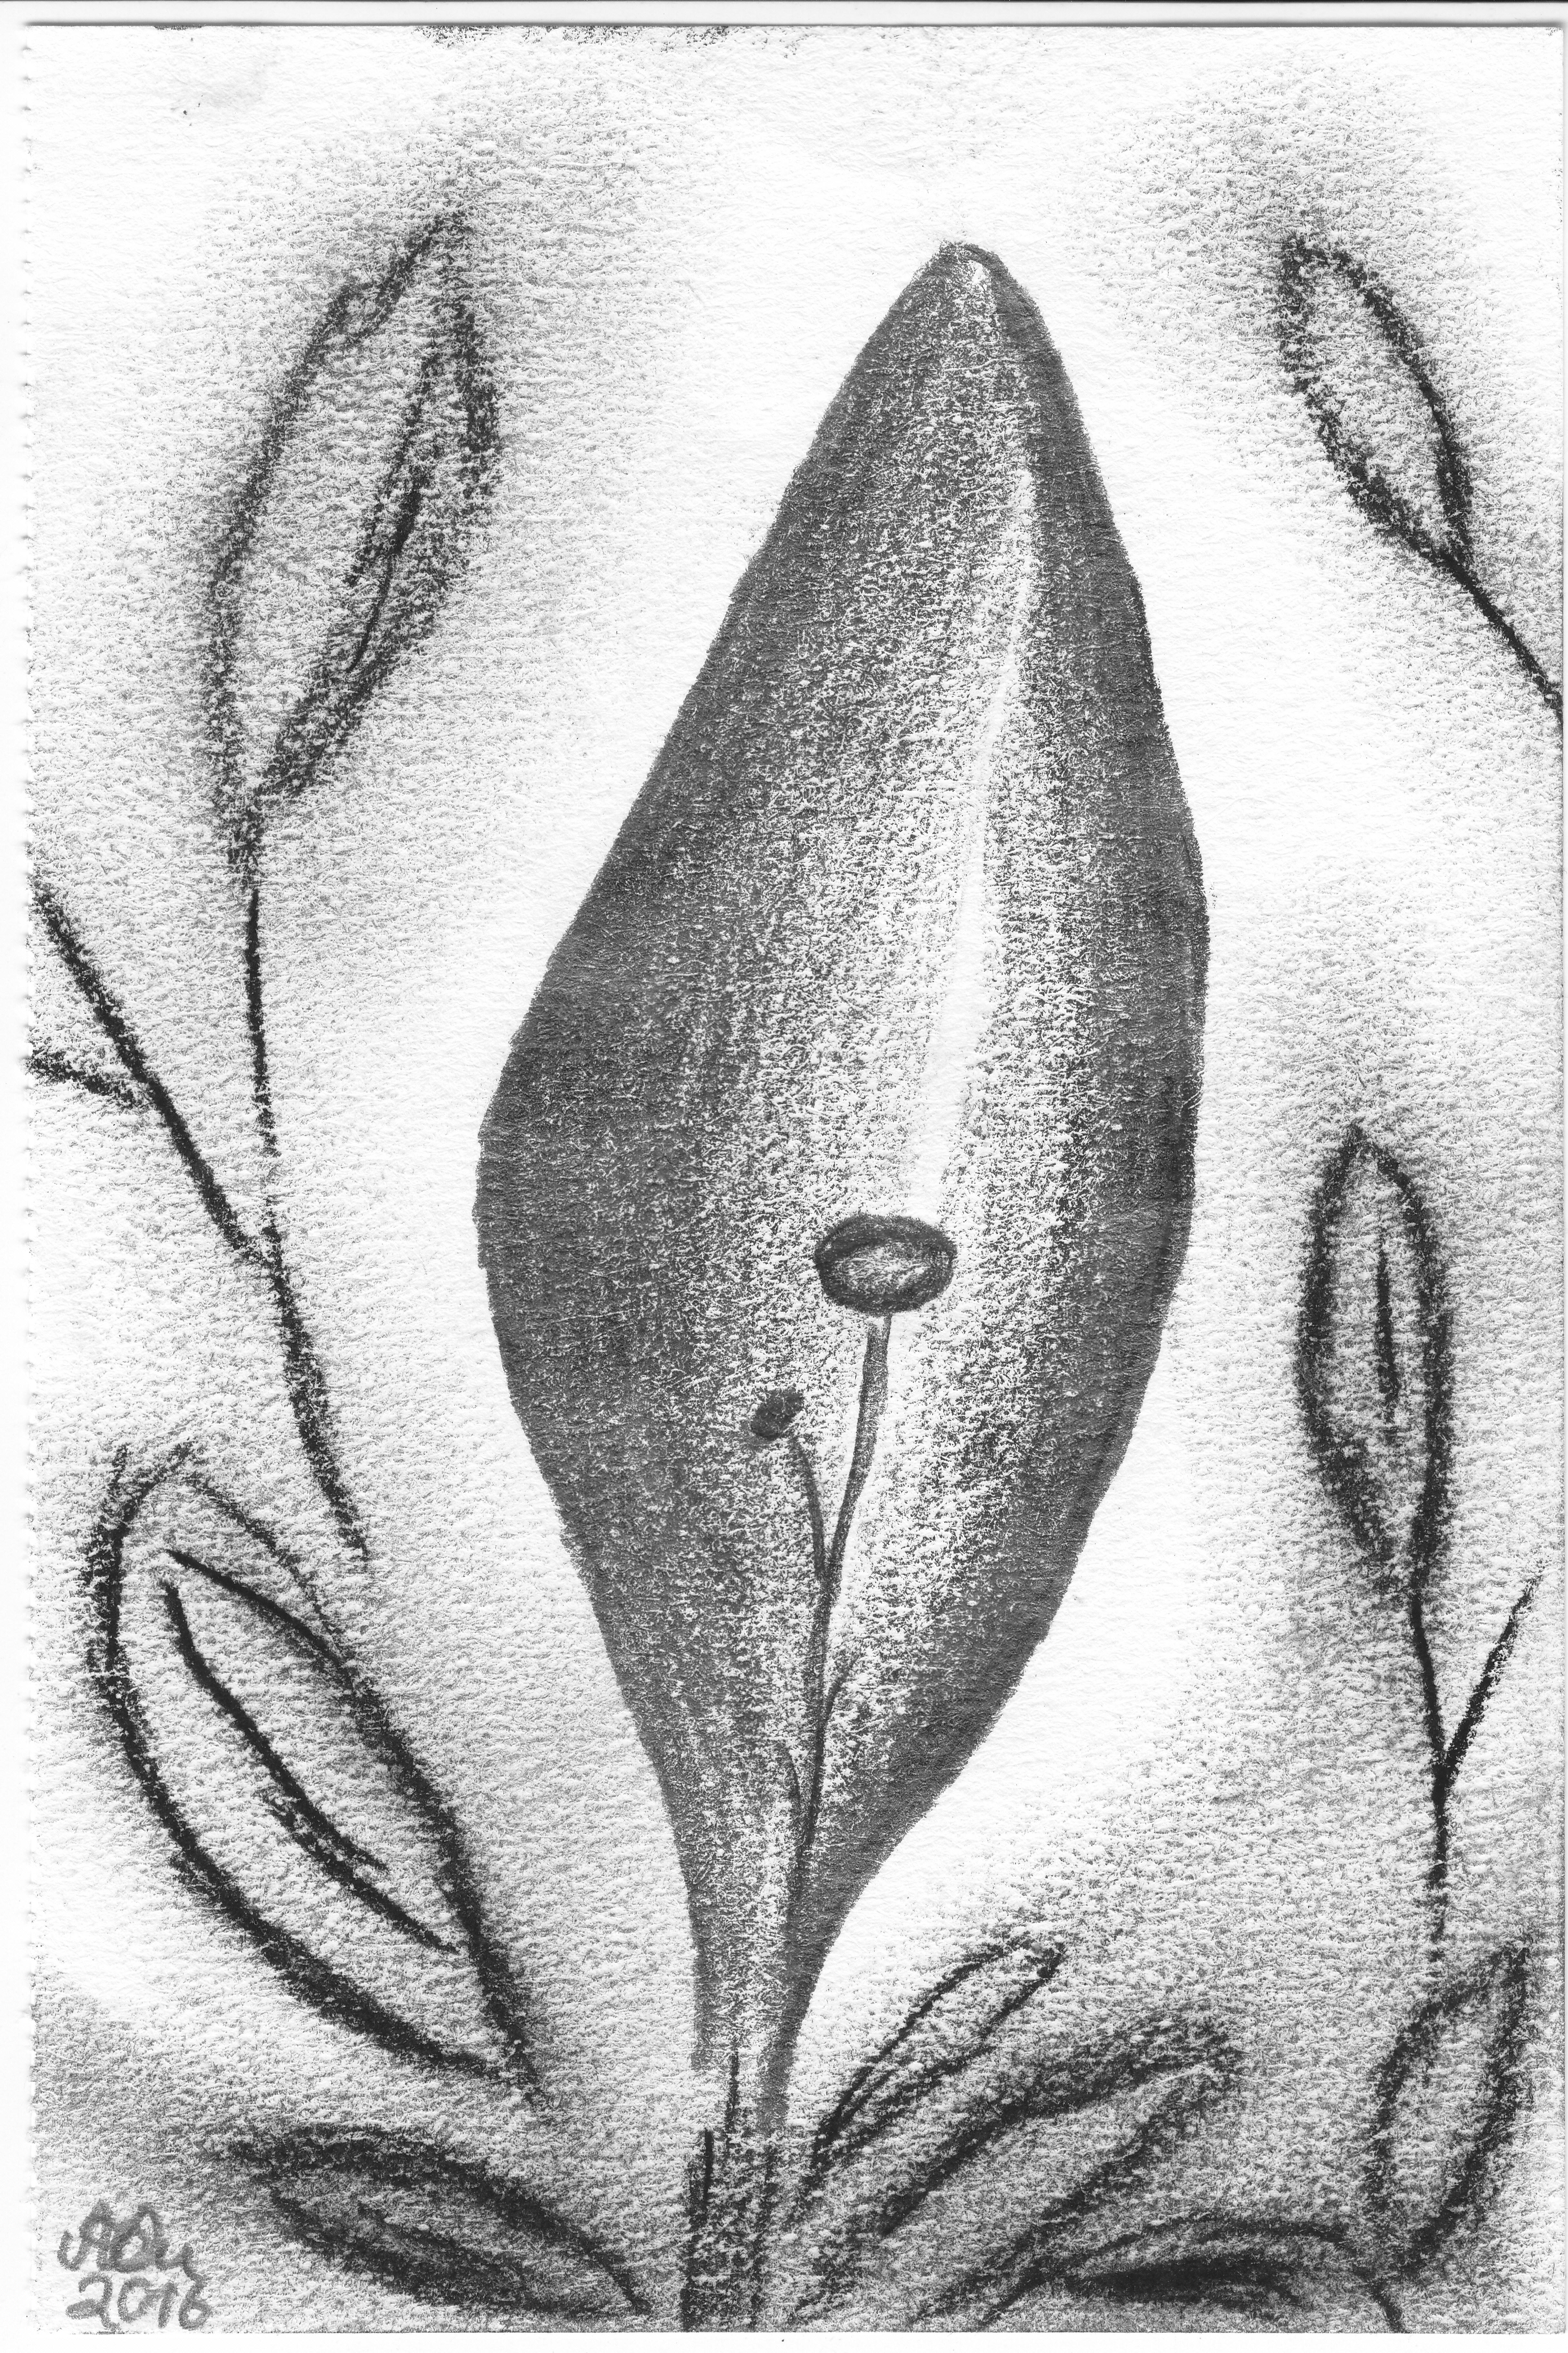 Mamas Garten Variation 2; Bleistift und Kohle; 2016; imachd.